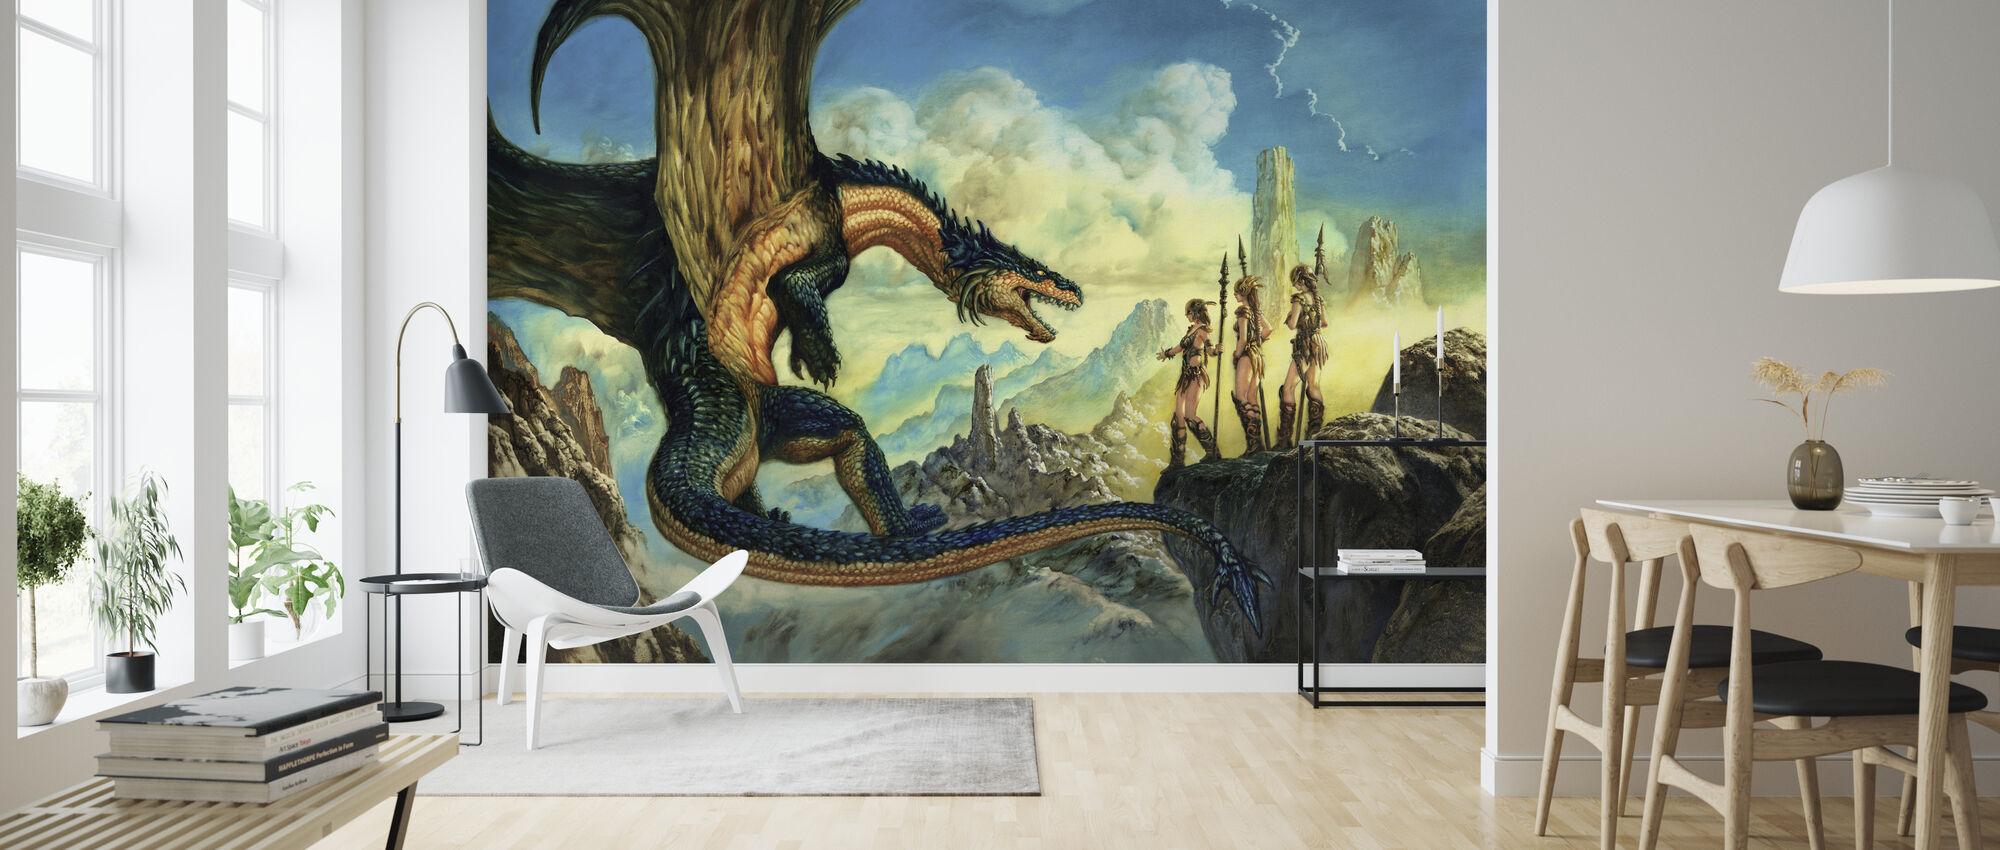 Aliance - Papel pintado - Salón